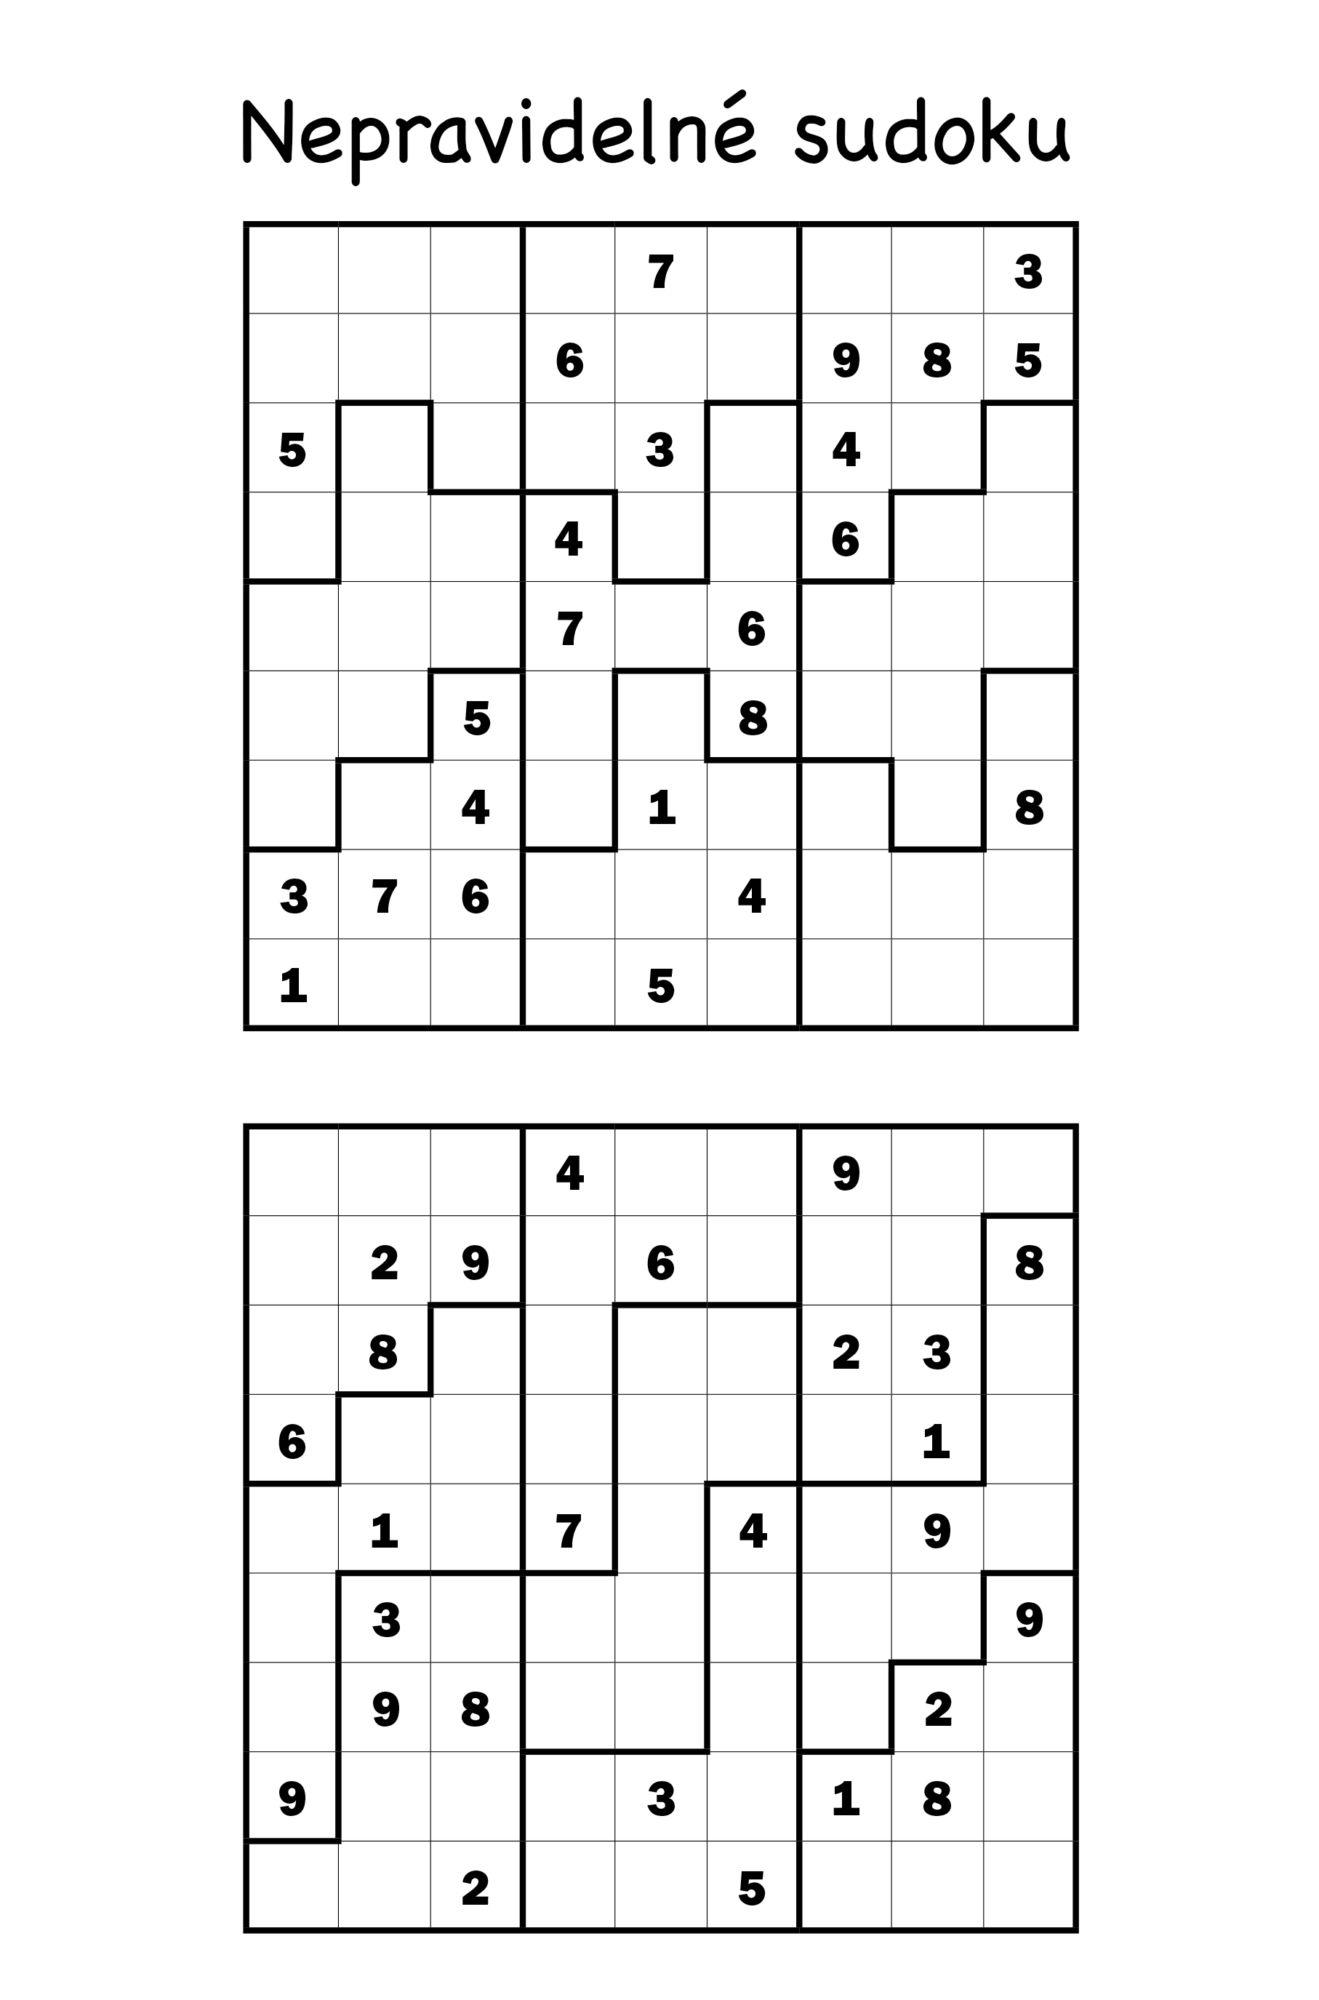 Nepravidelné sudoku Turpress